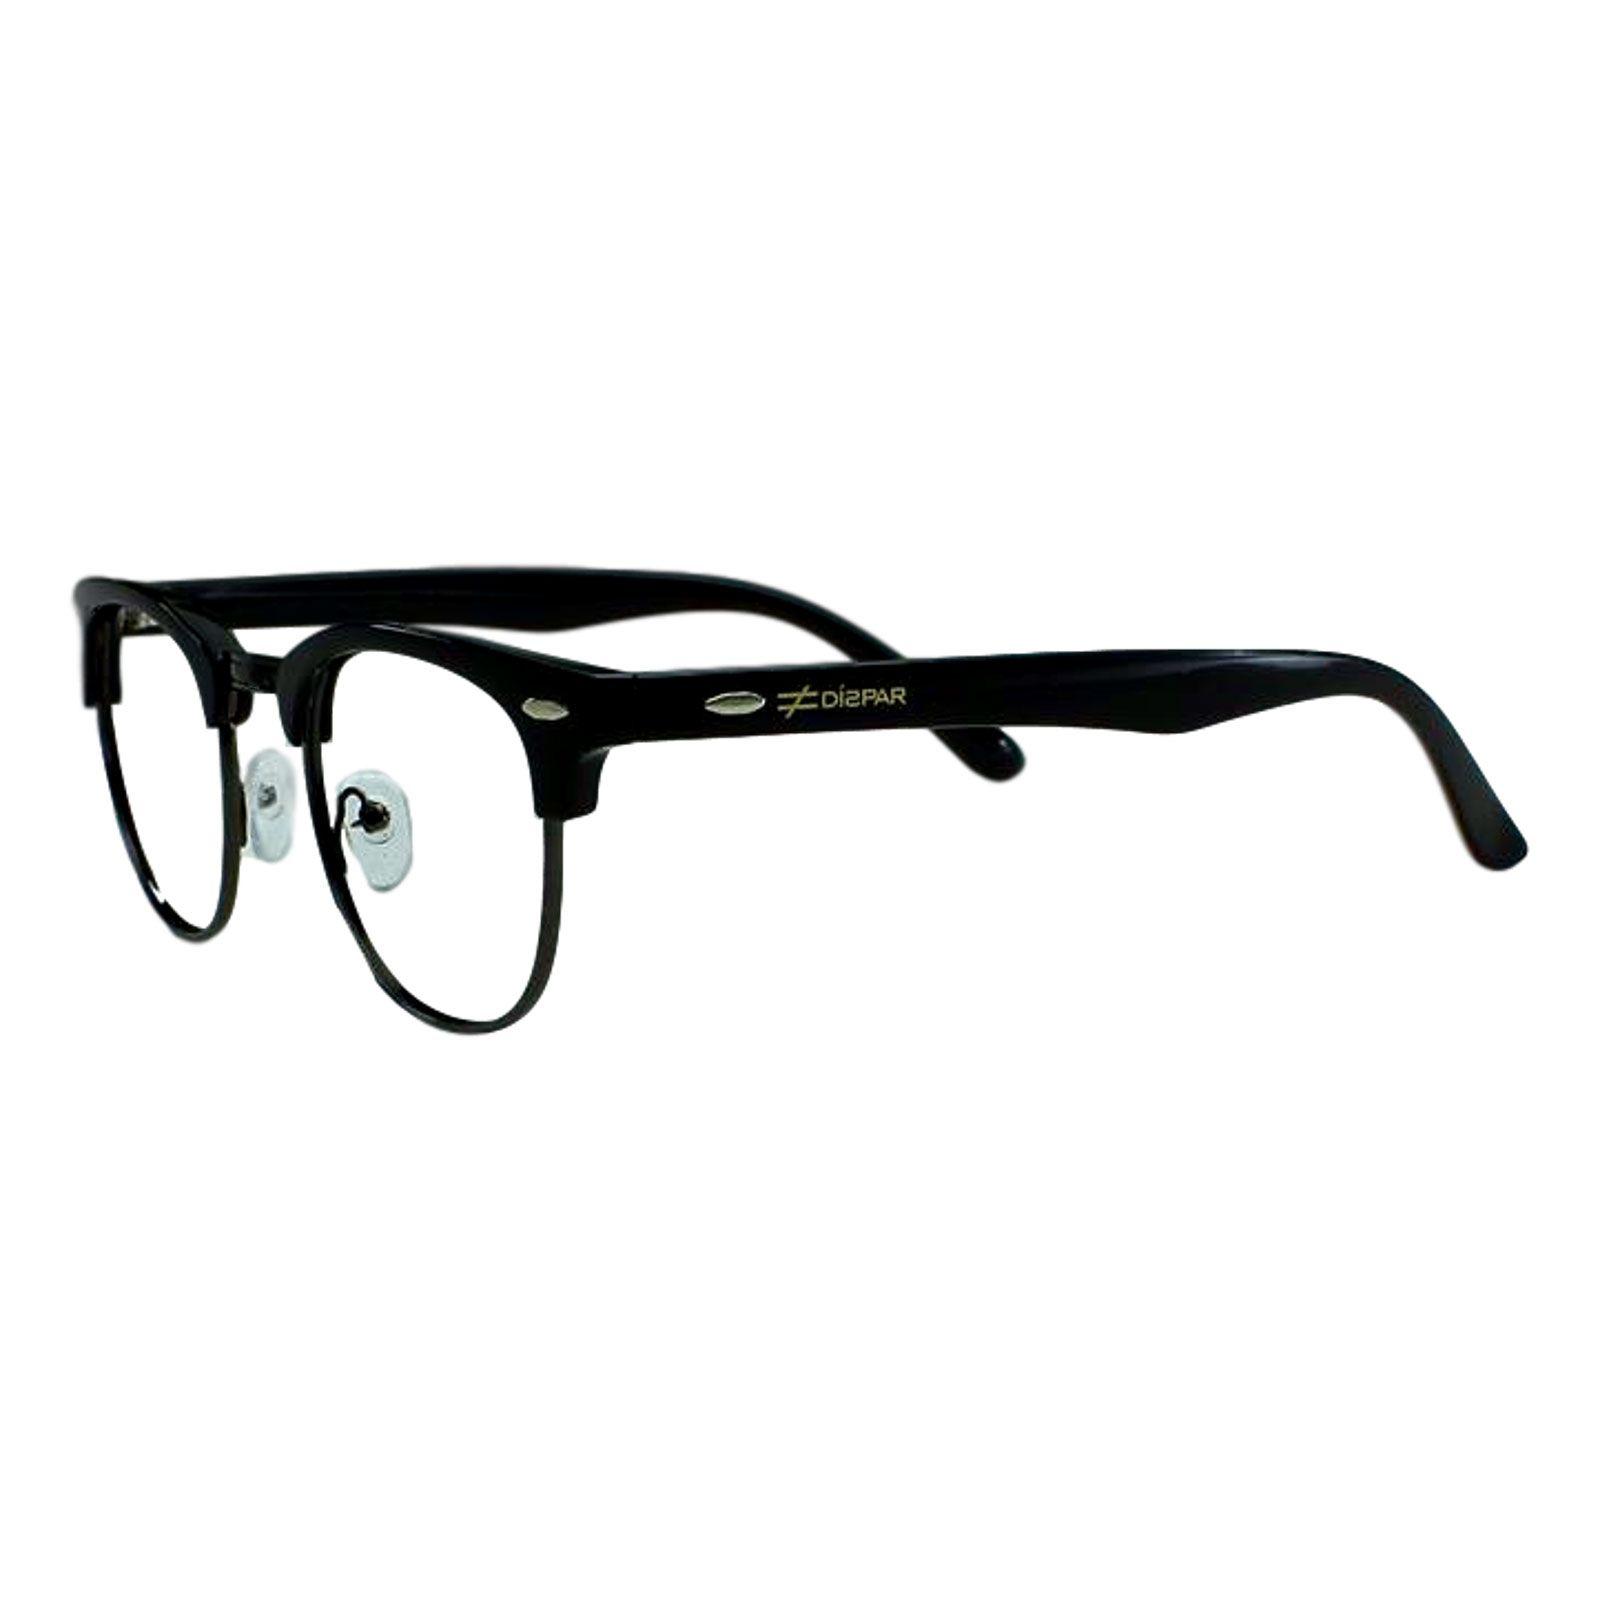 87af656e7aa13 Armação para Óculos Díspar D1885 Chumbo